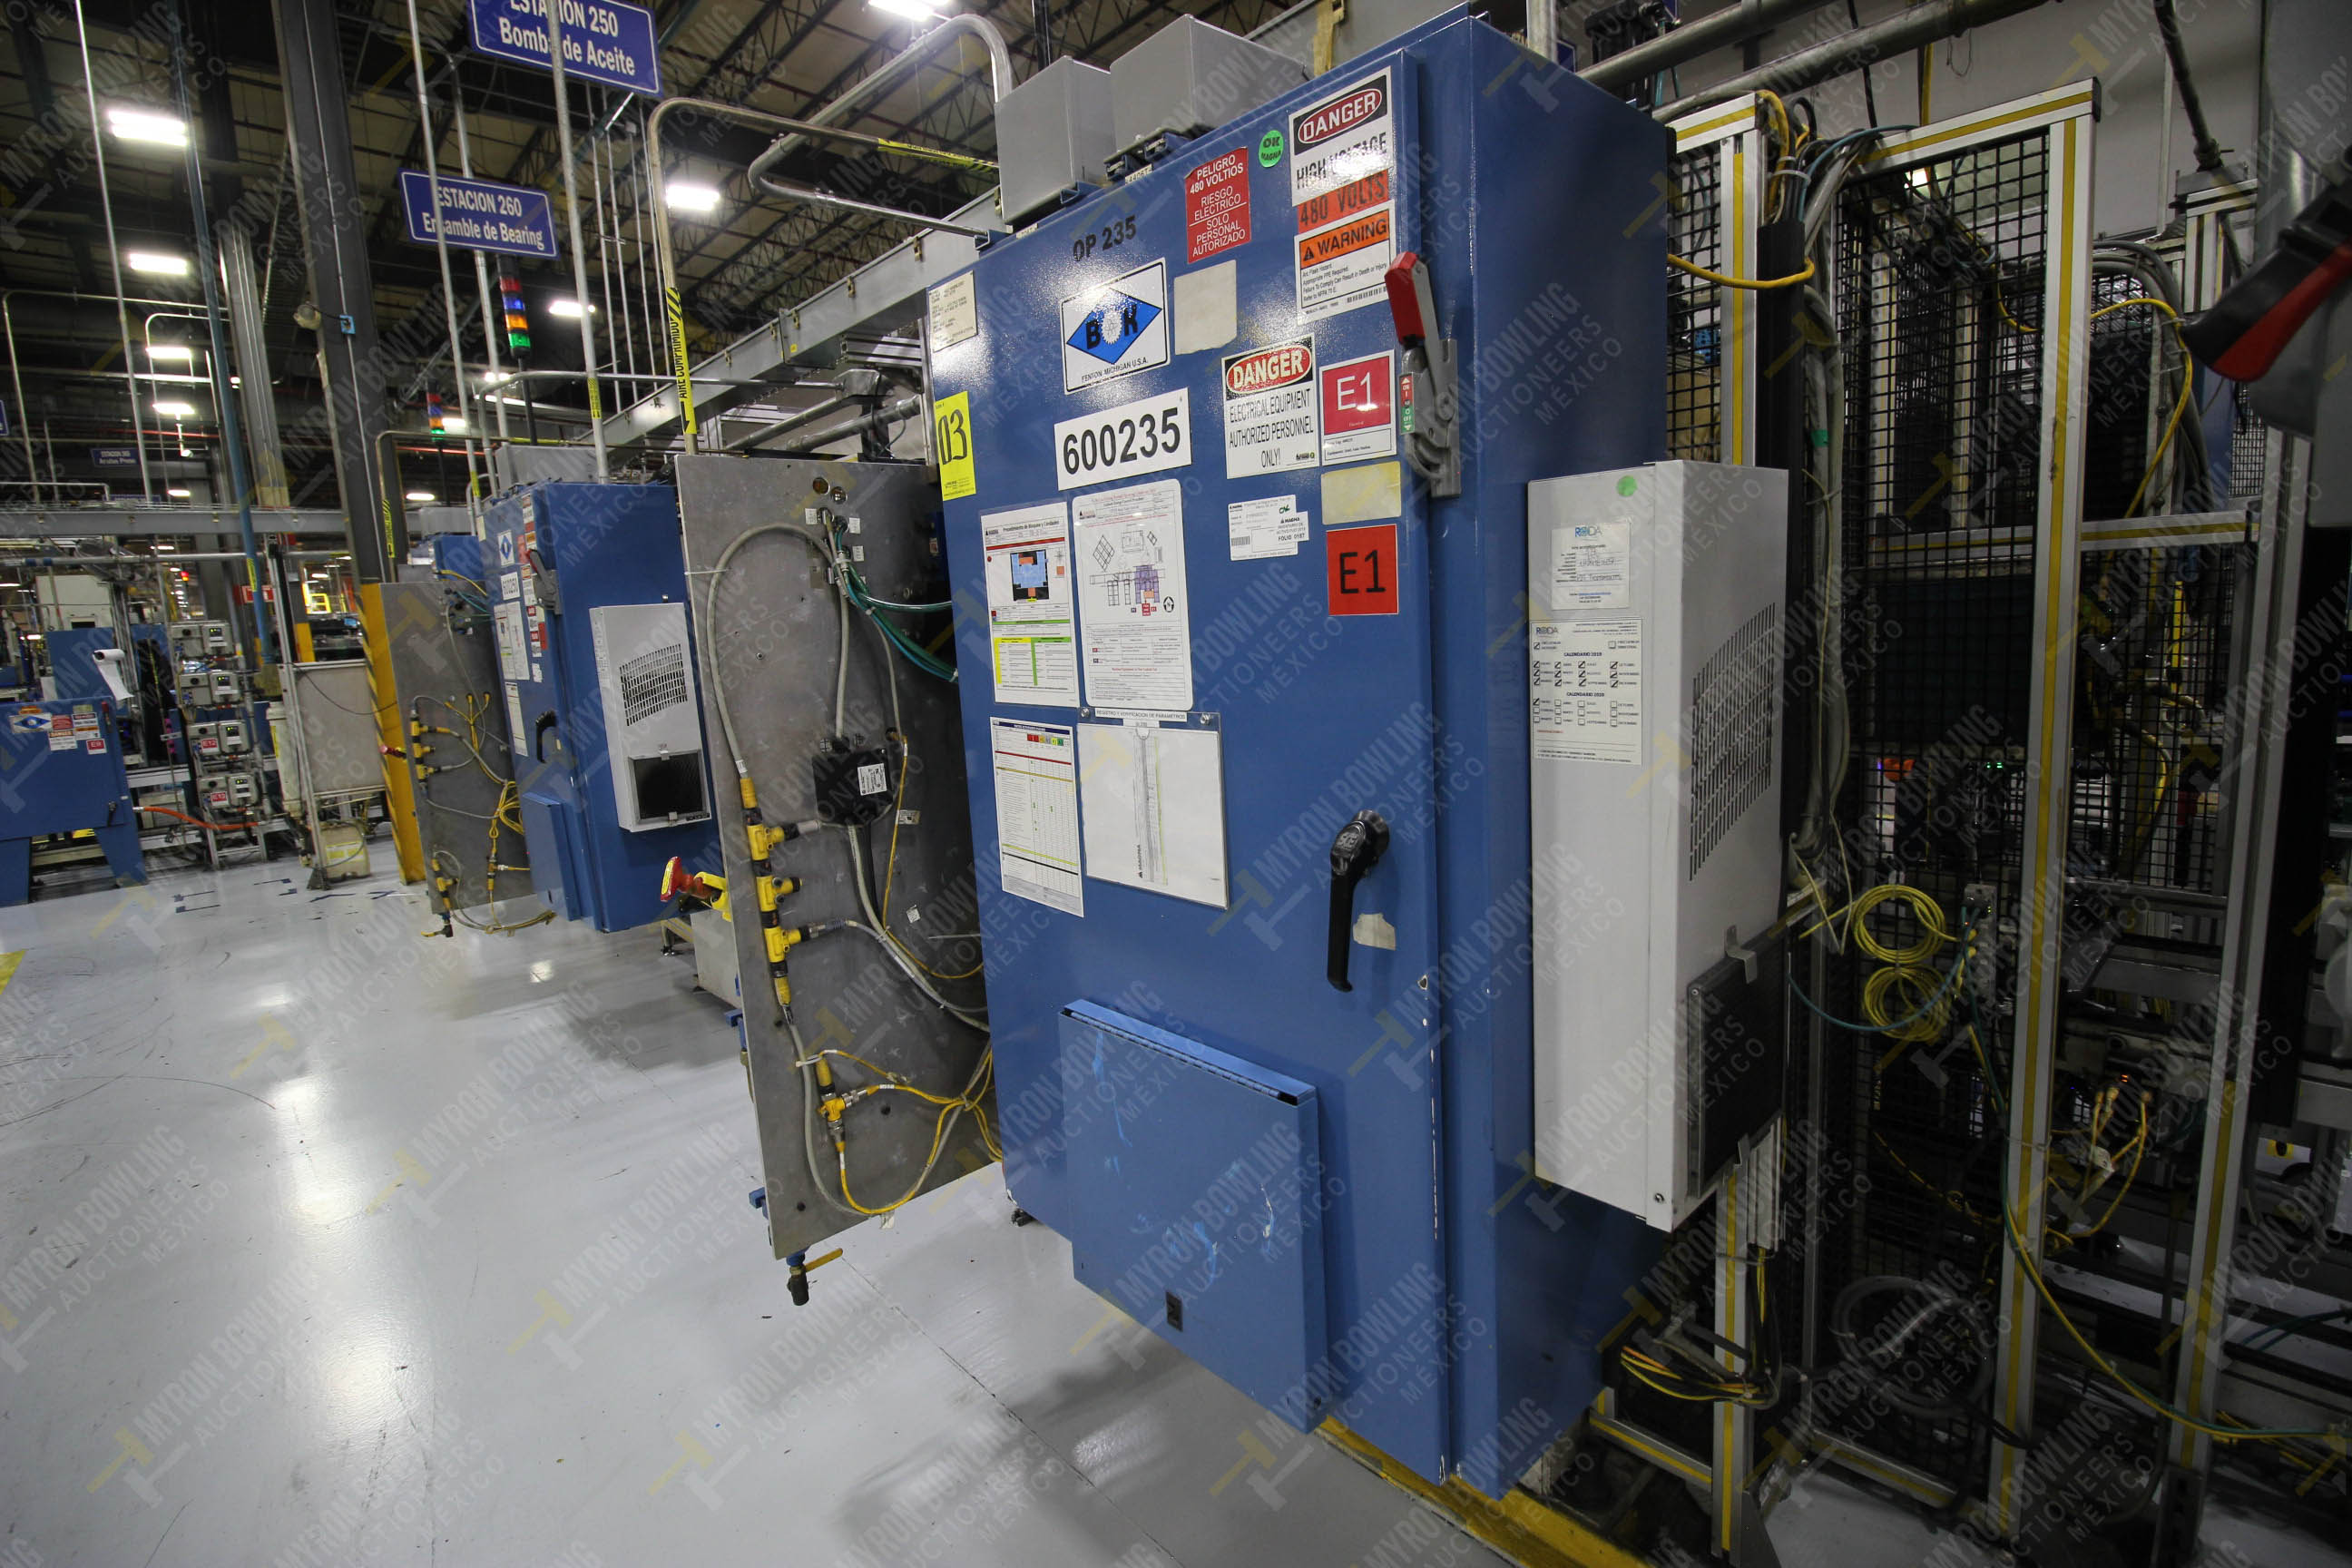 Estación semiautomáticapara operación 235 de ensamble de candado - Image 20 of 22